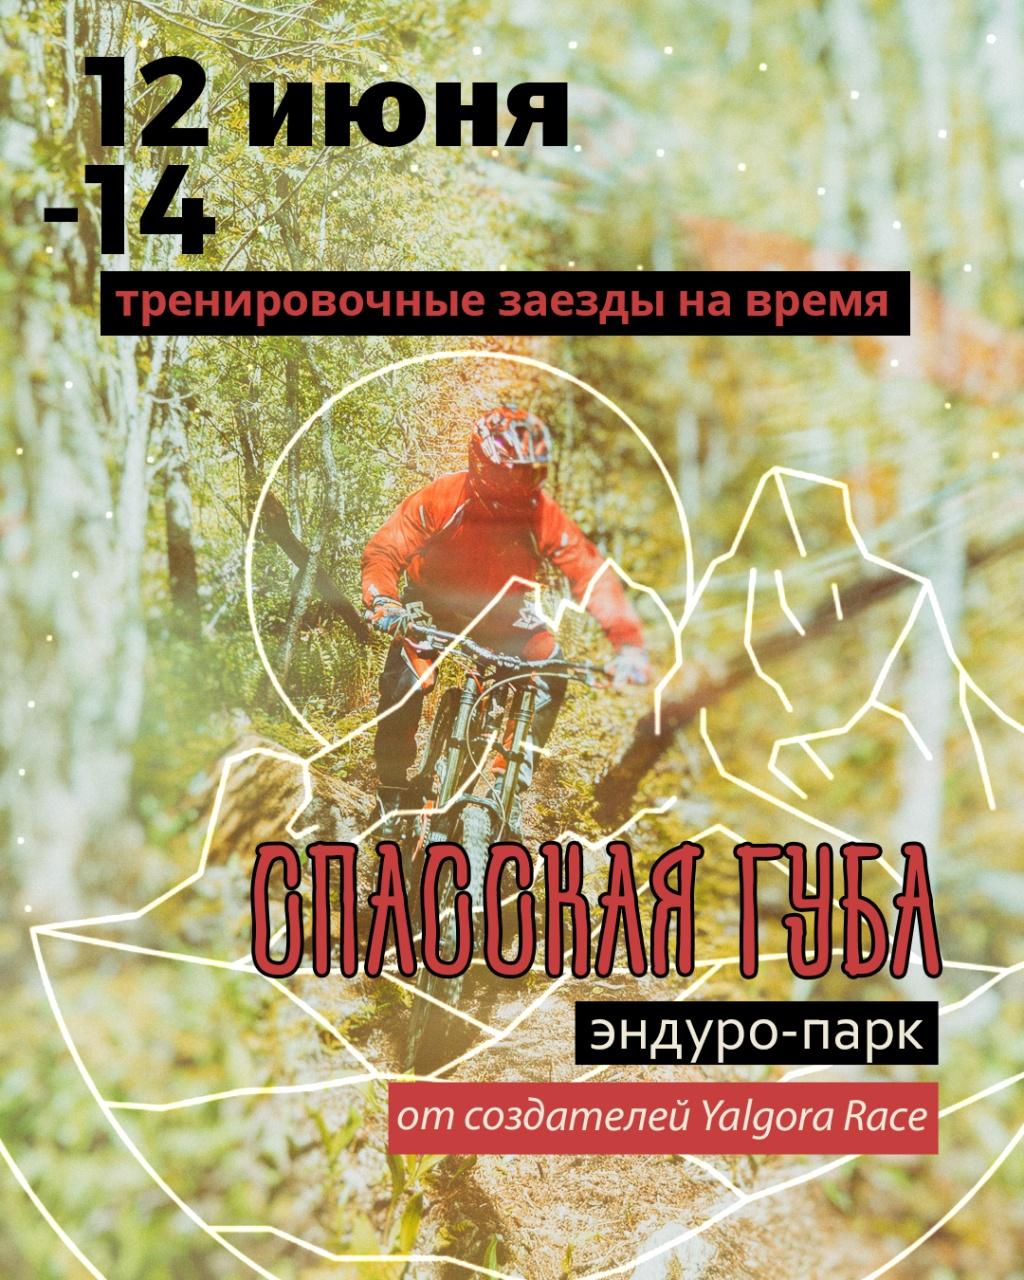 Блог им. AleksandrGrigorev: Спасская губа. Новый спот на эндуро карте.